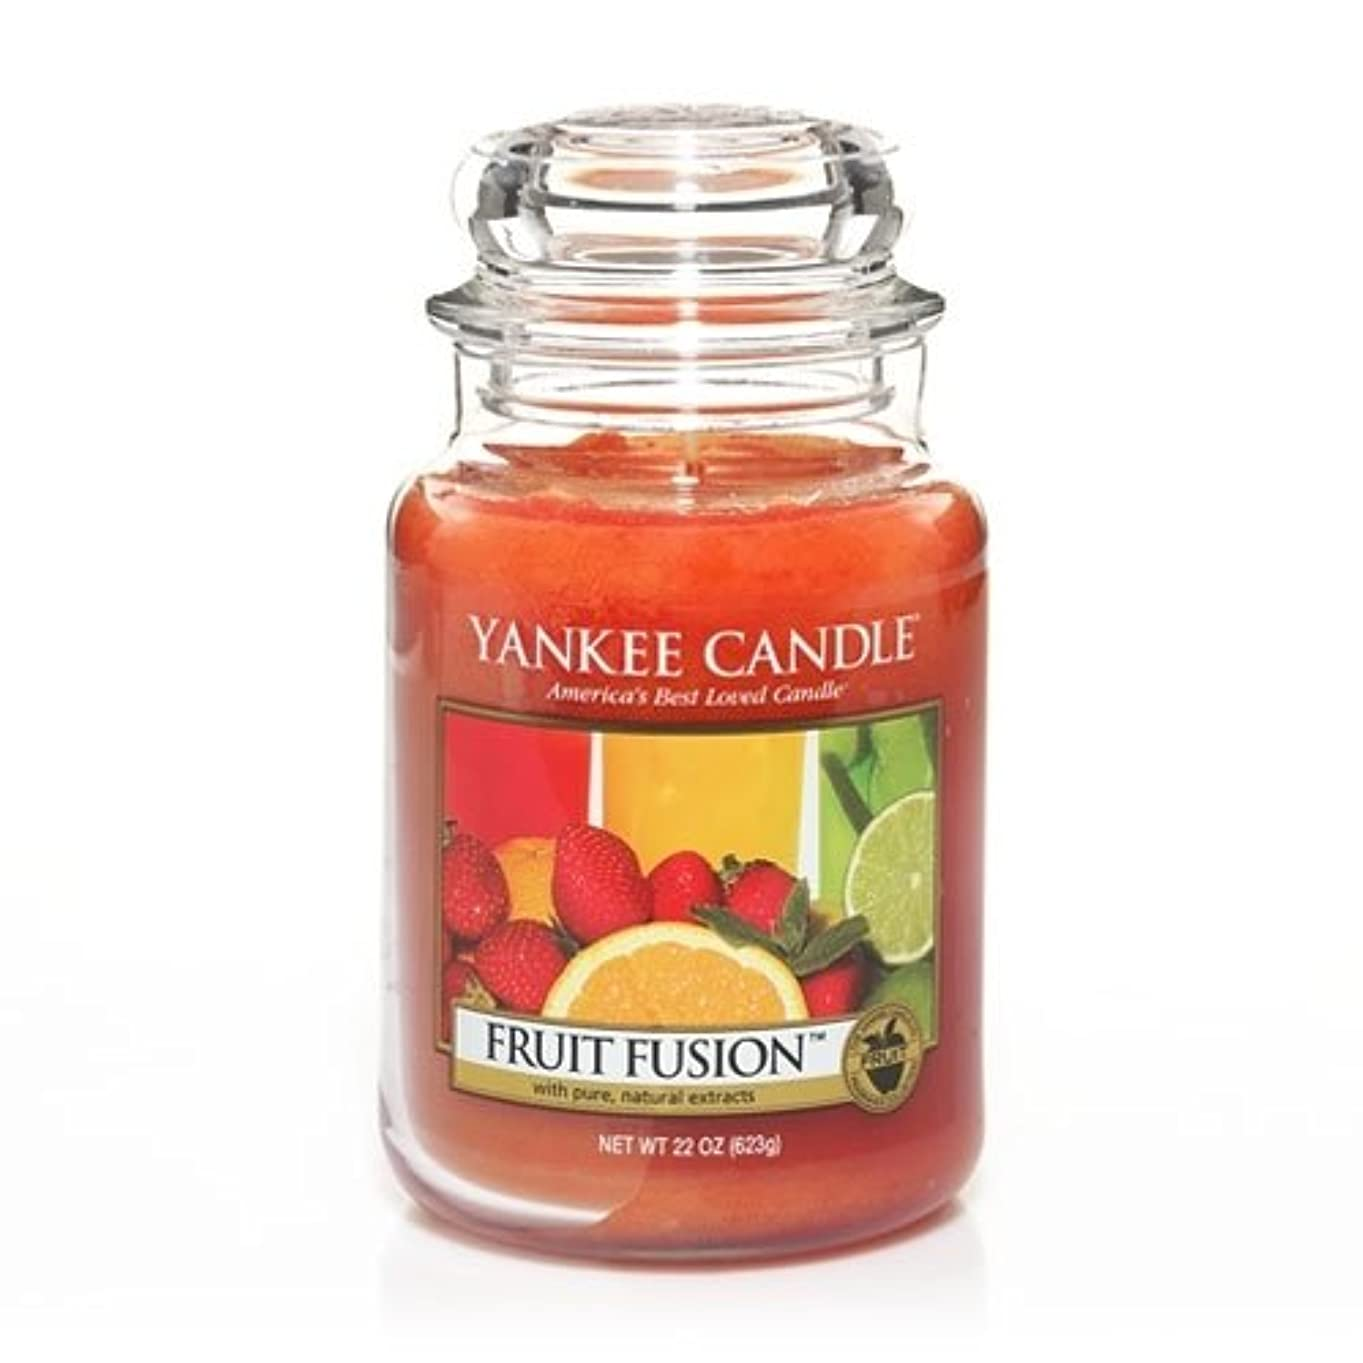 処理するカンガルーライトニングYankee Candle Fruit Fusion、フルーツ香り Large Jar Candles オレンジ 1230712-YC